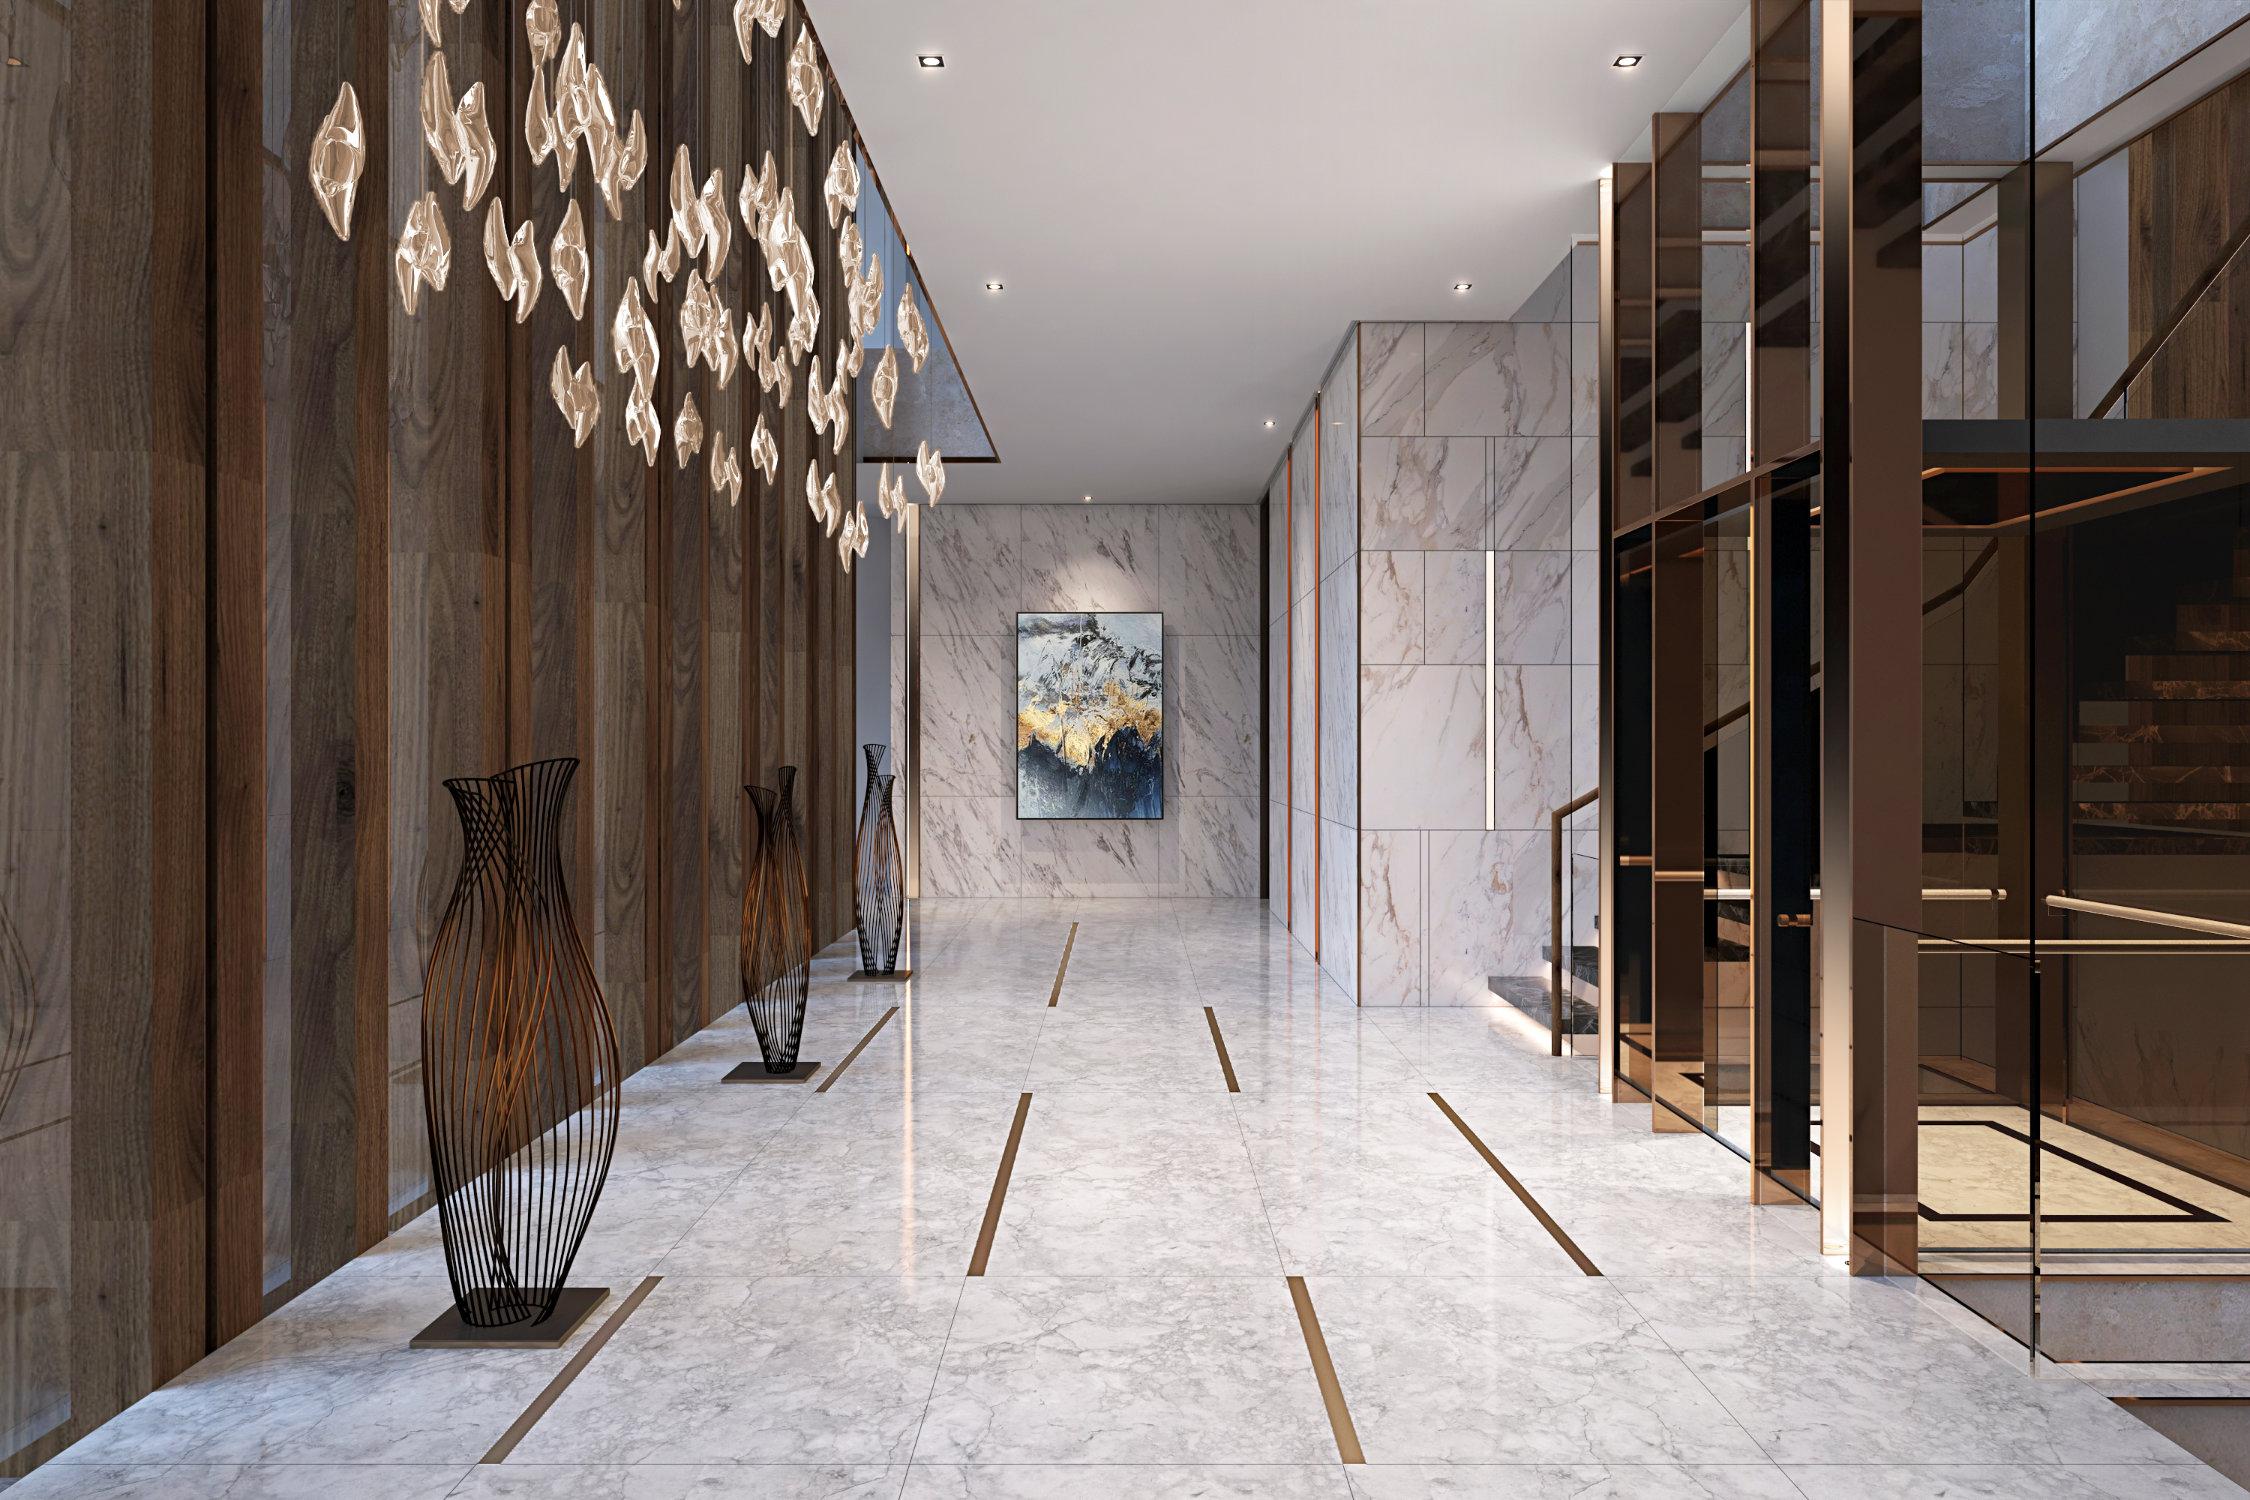 The Lift Lobby